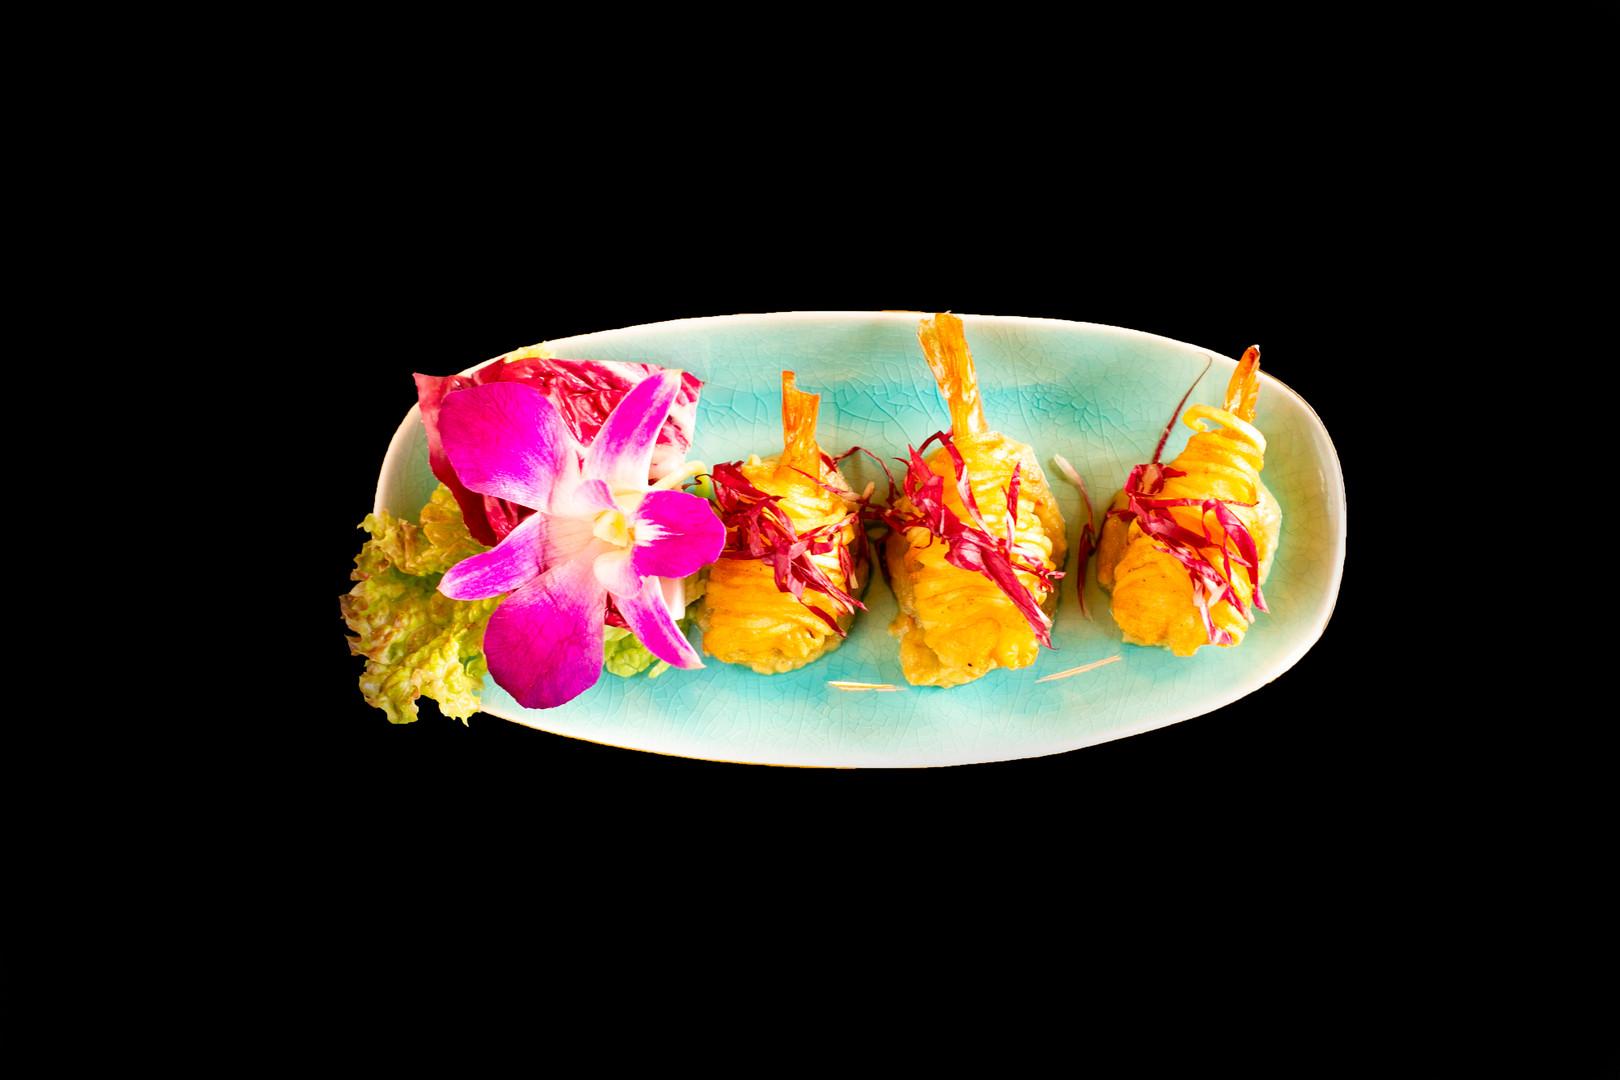 Thaitique Dish 9